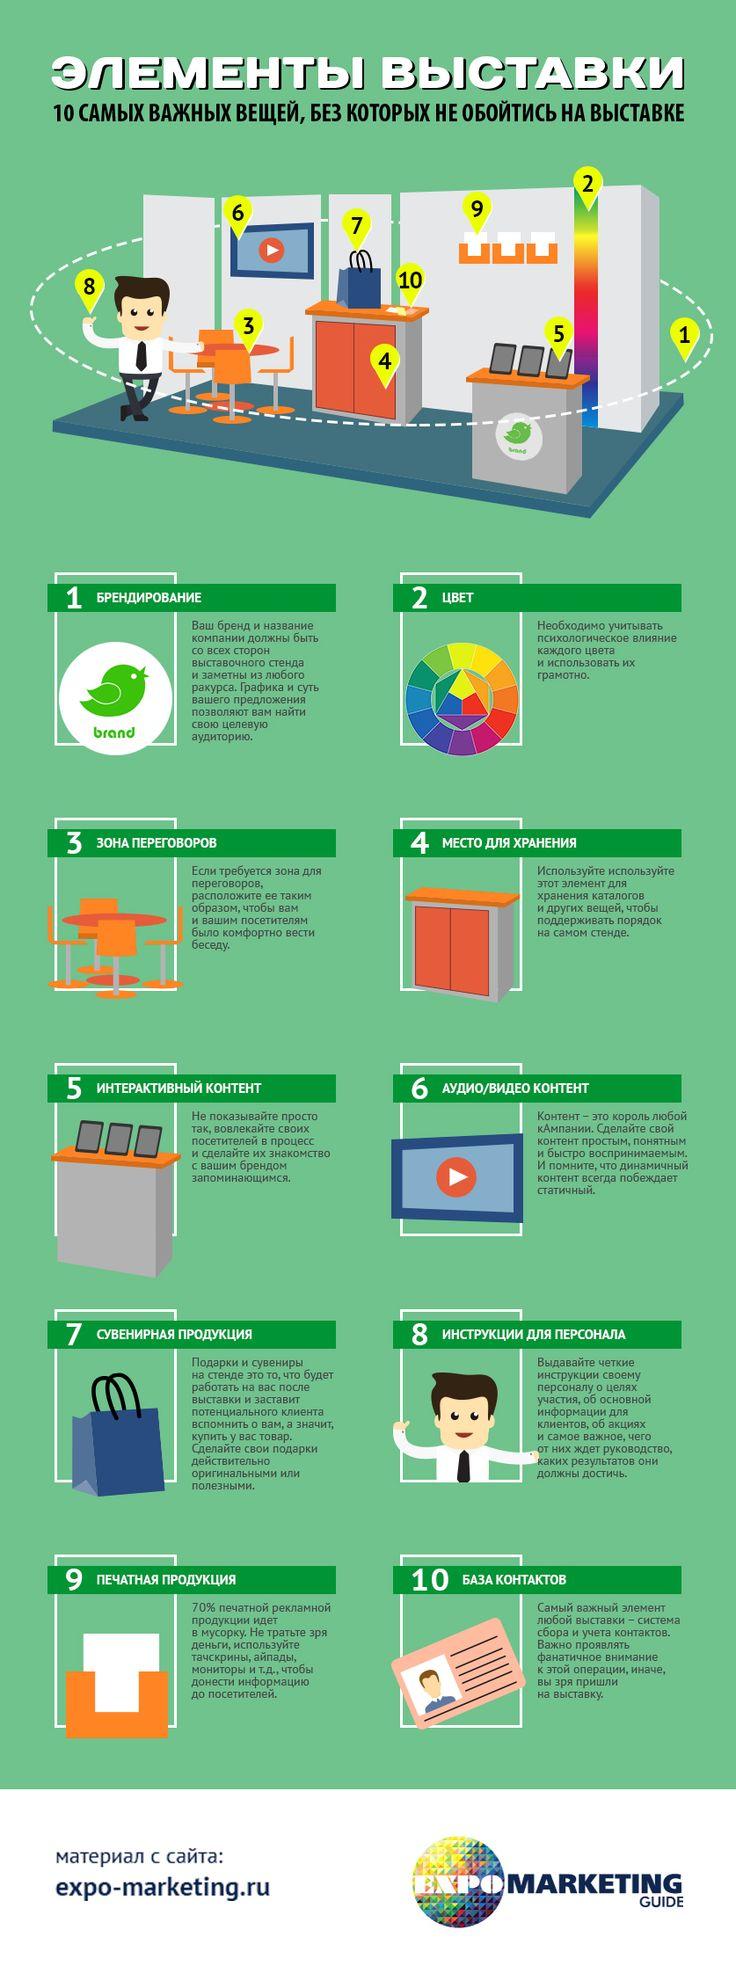 10 самых важных элементов выставки! Эффективное участие в выставках! Выставочный маркетинг